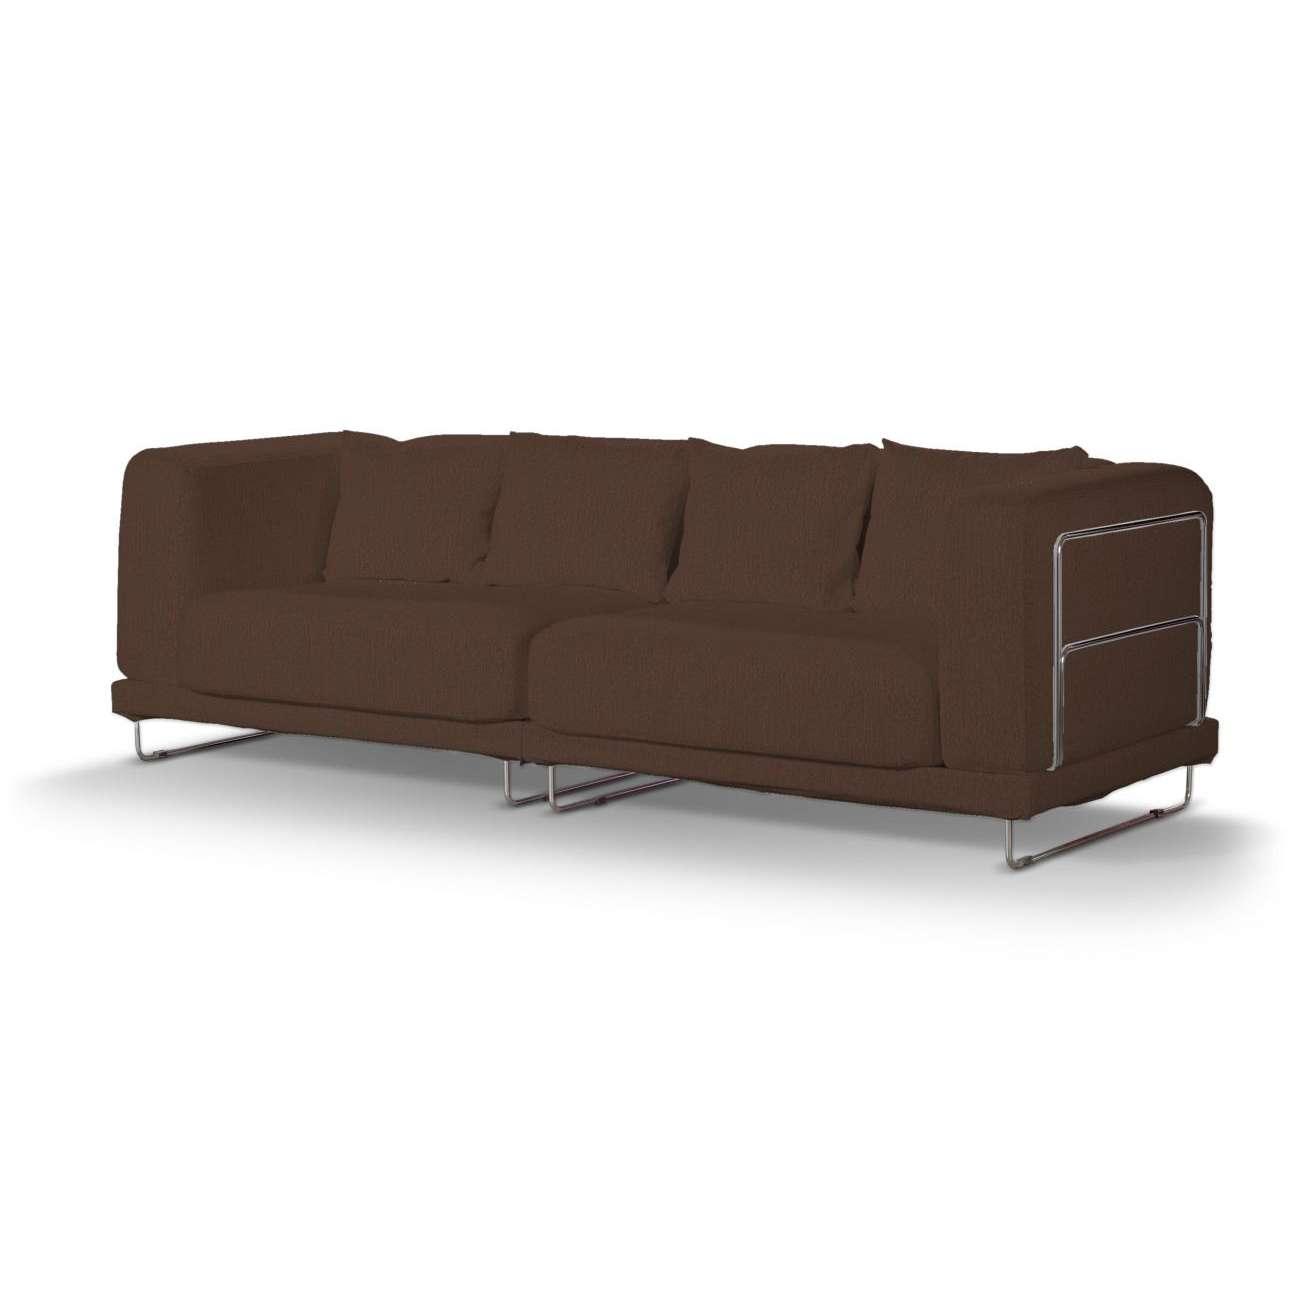 IKEA zitbankhoes Tylösand 3 zitsbank (niet uitklapbaar)